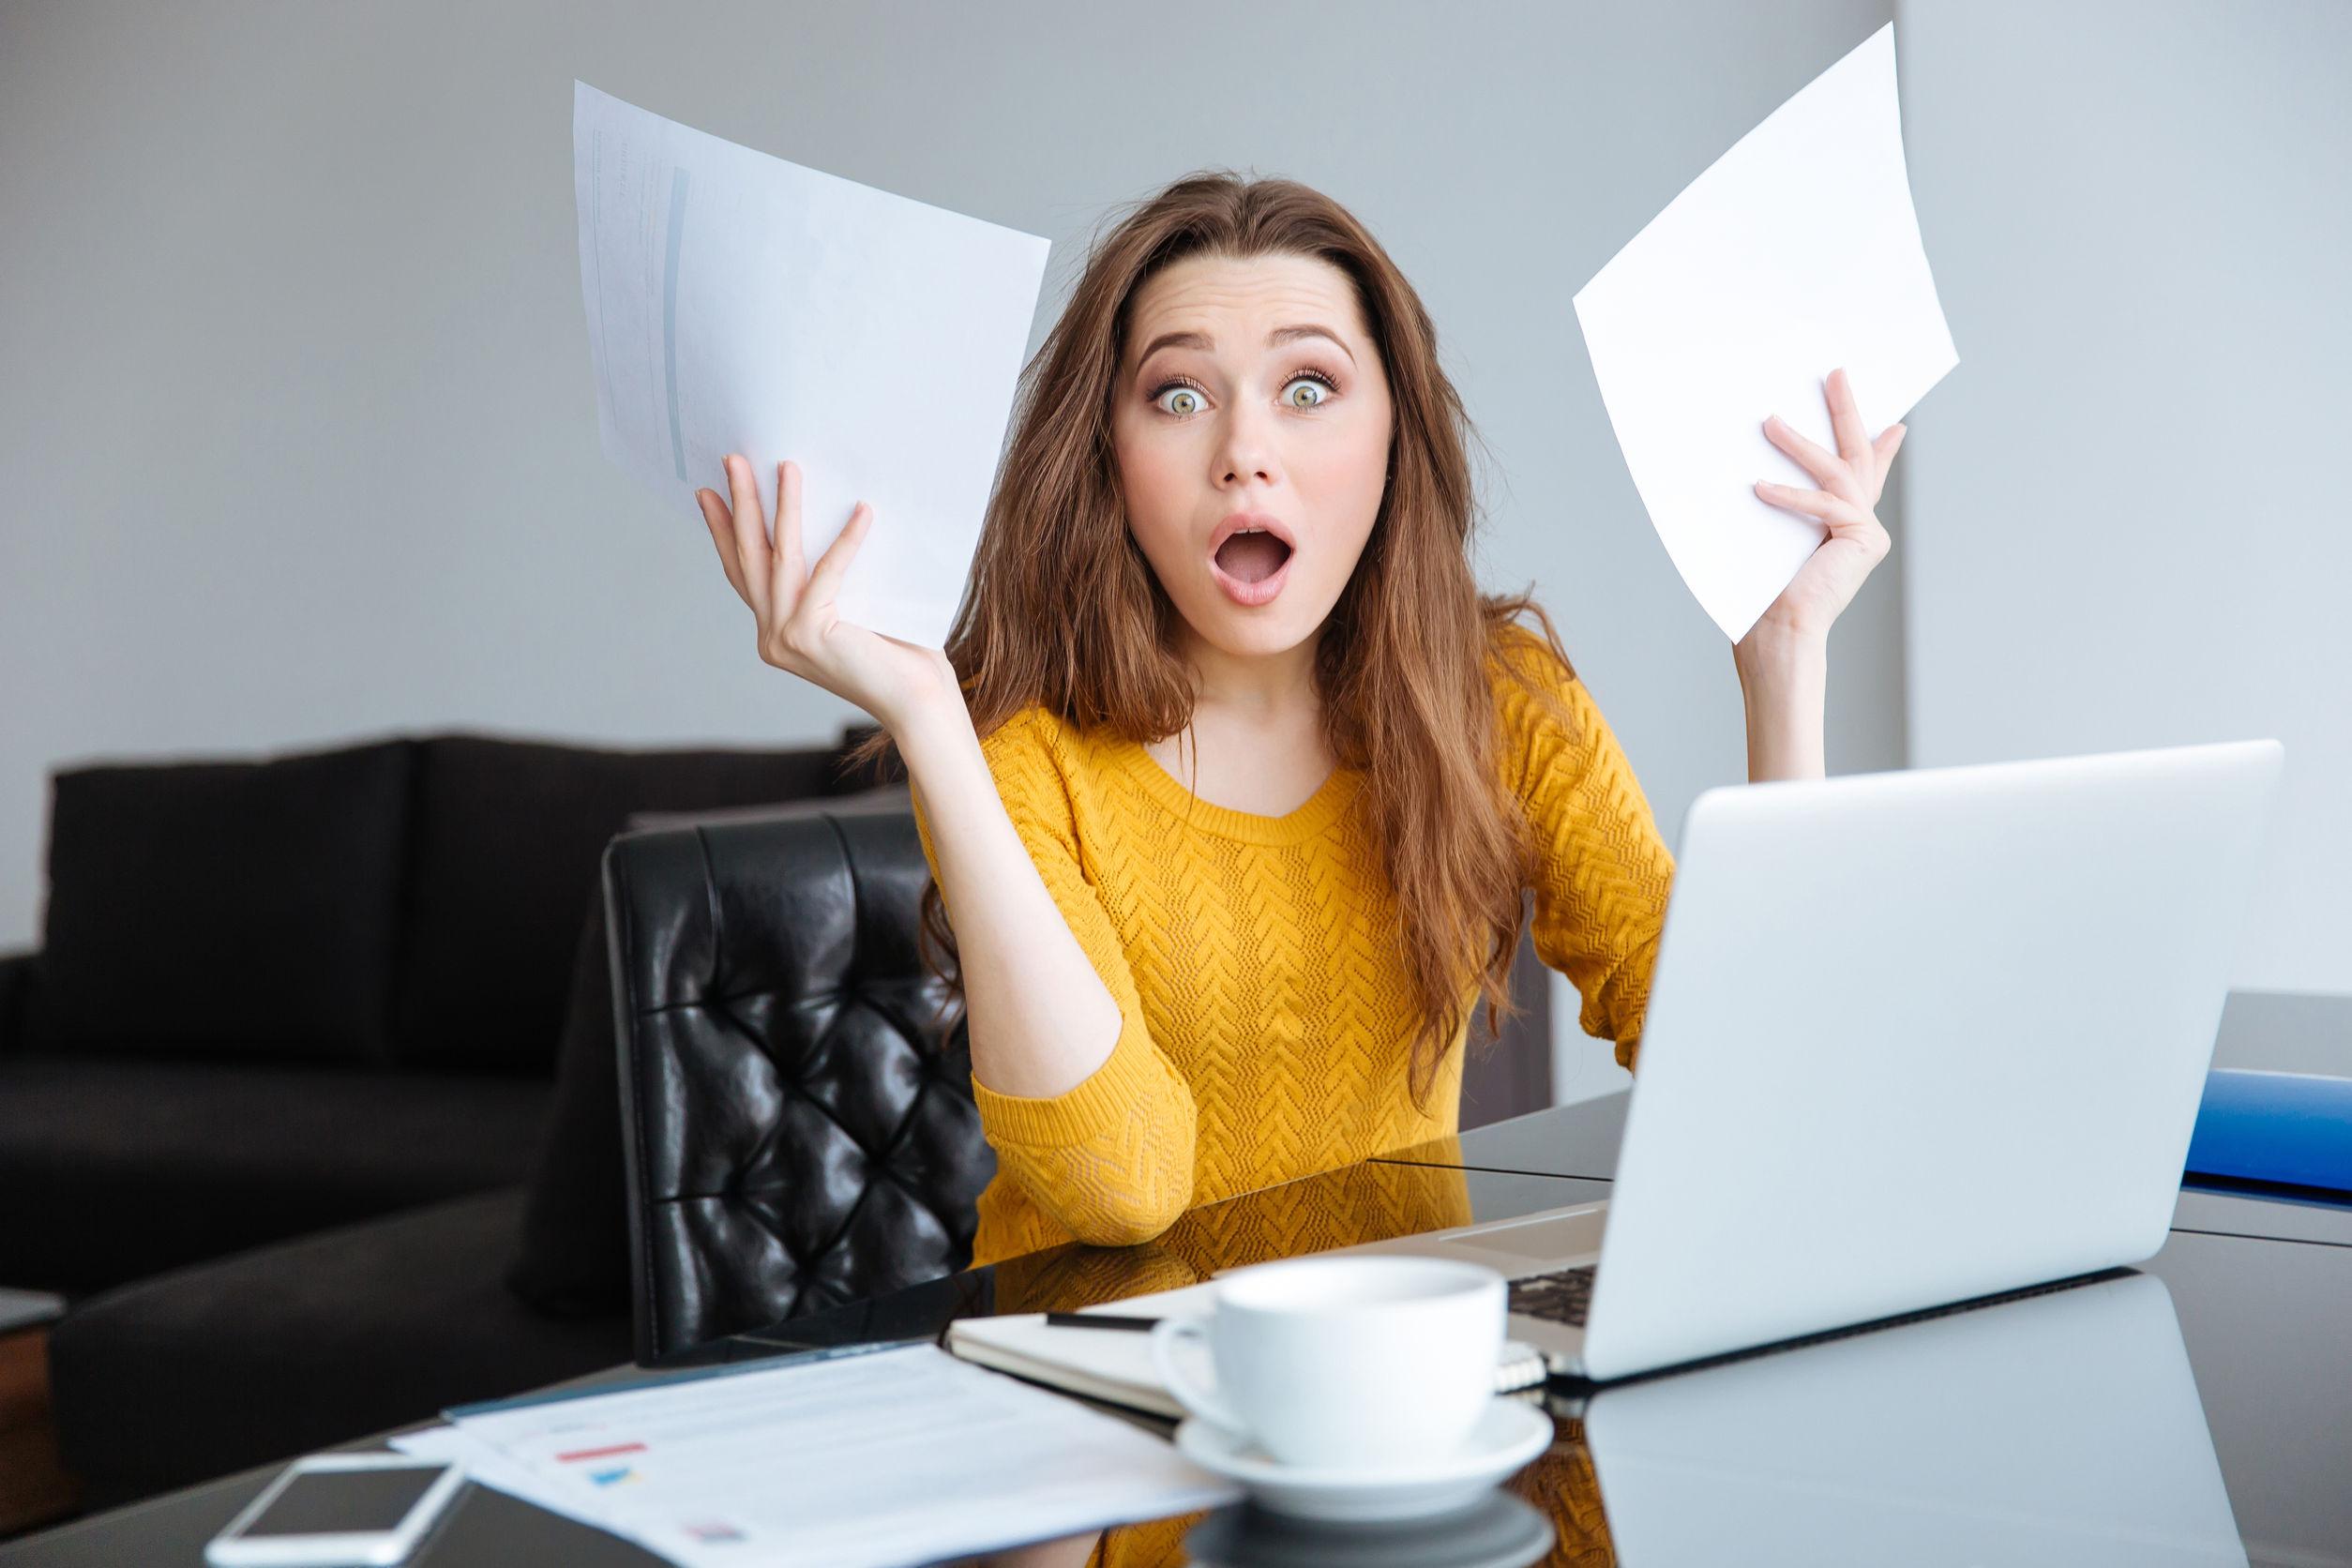 Egy nő az asztal és laptop mögött csodálkozva két számlát emel a magasba.